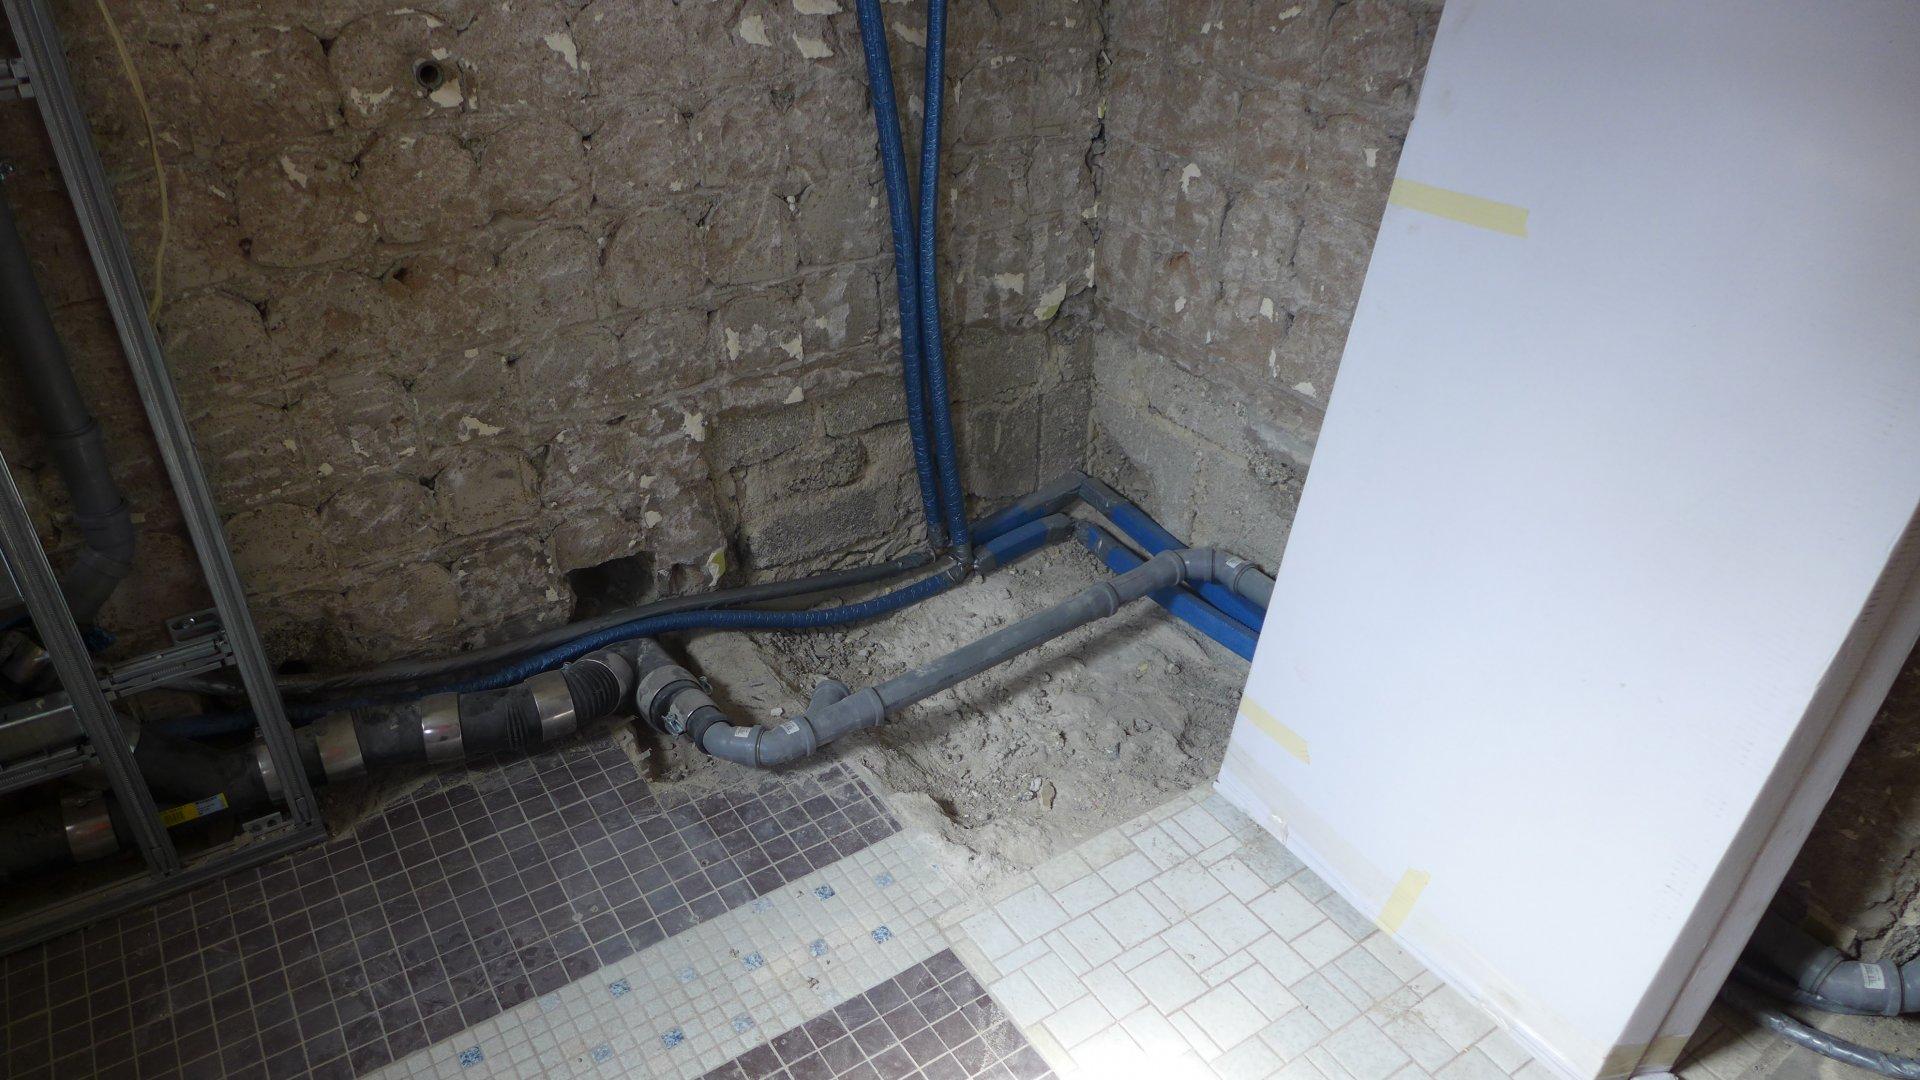 Bodengleiche Dusche Verstopfung